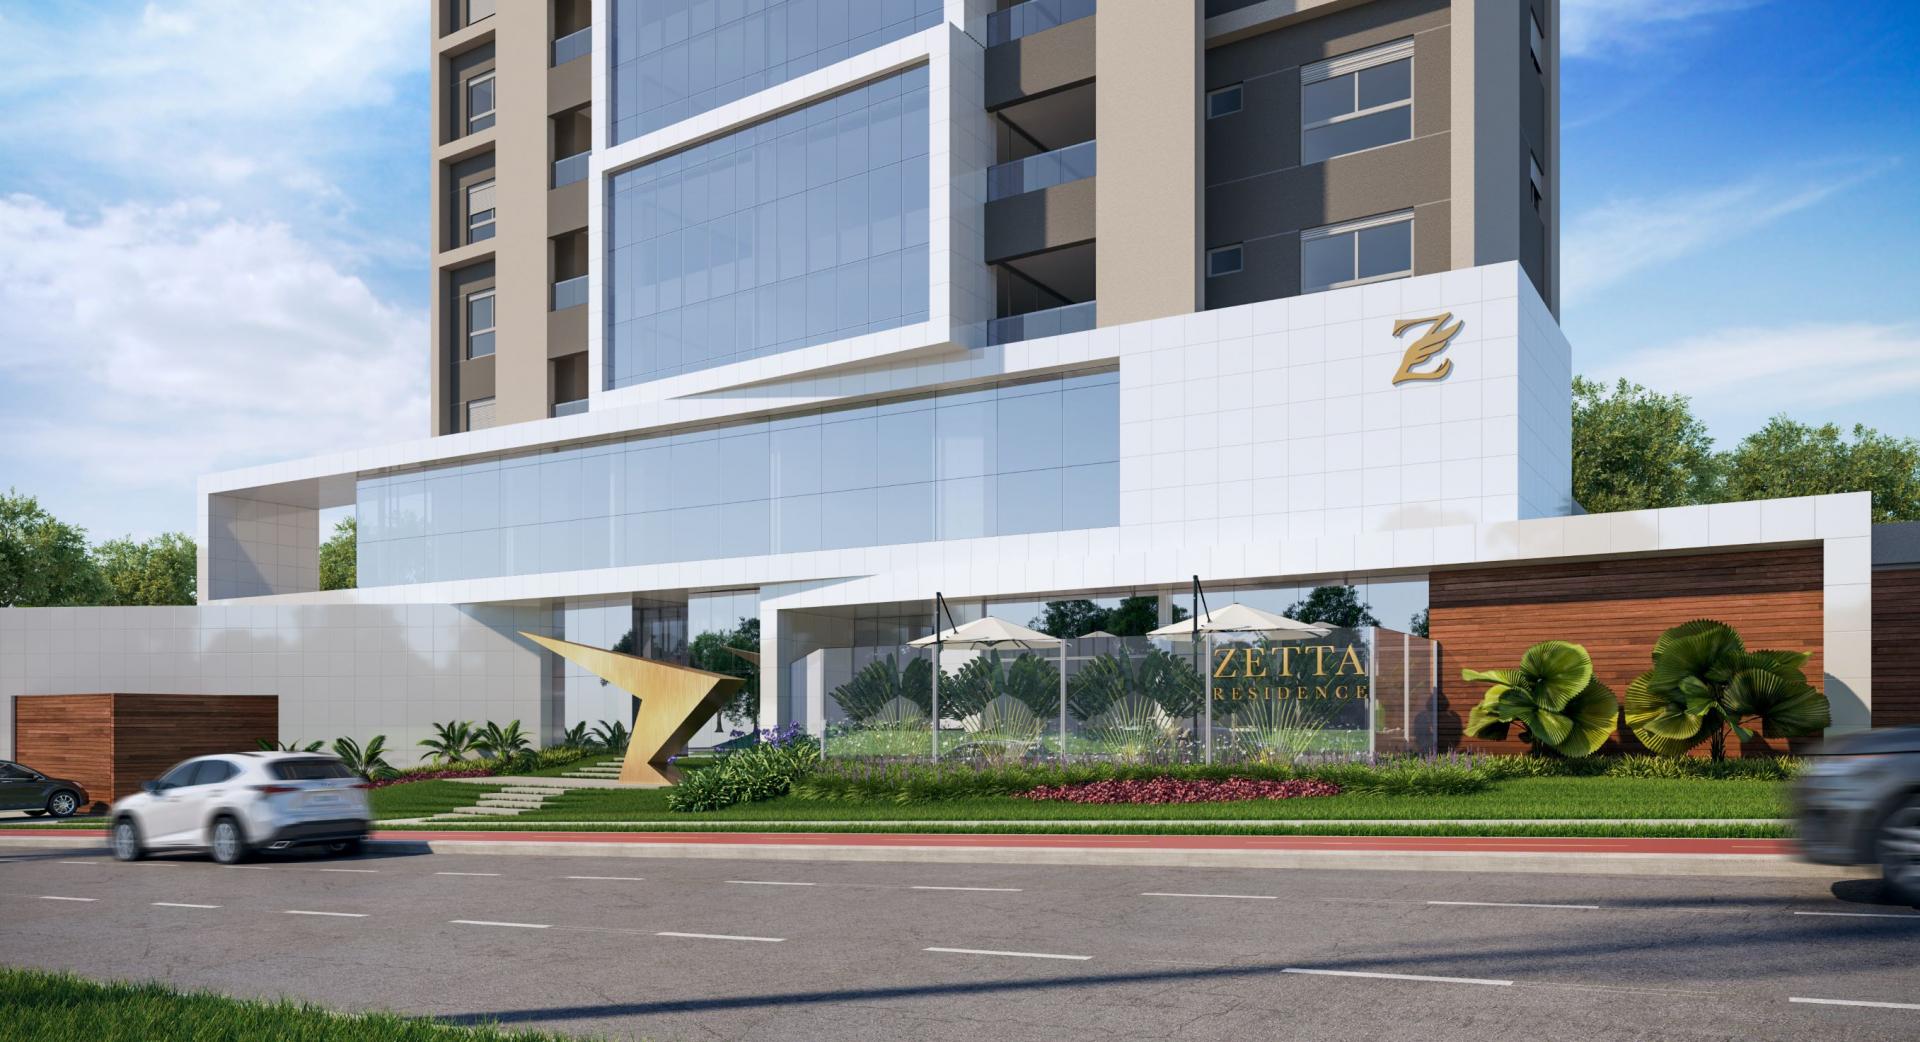 Zetta Residence